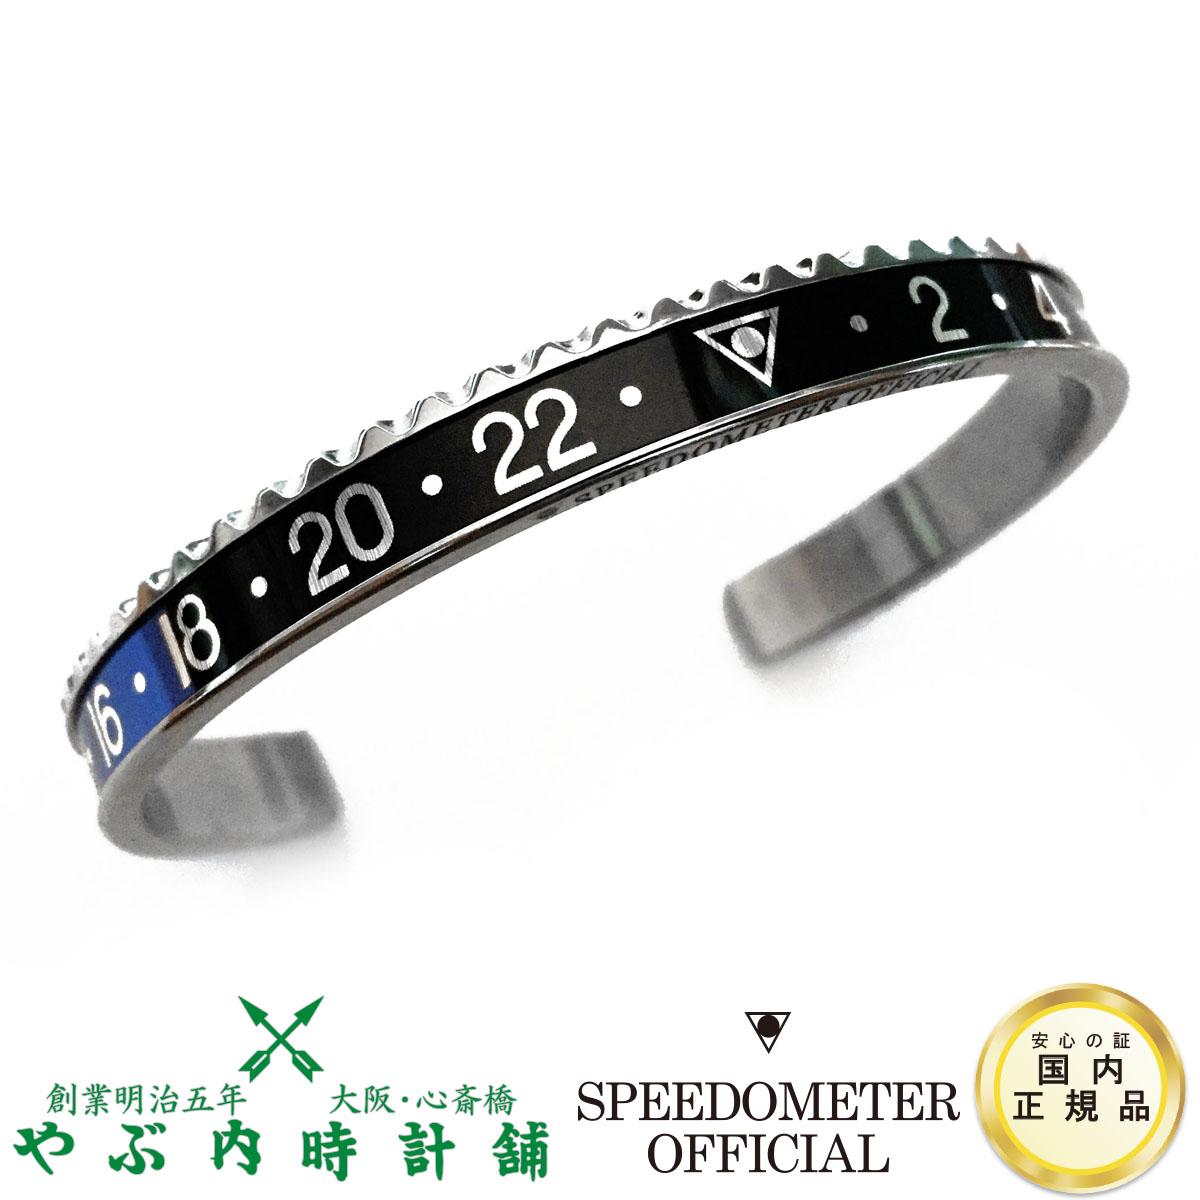 スピードメーターオフィシャル 【正規輸入品】 Speedometer Official GMT ブラック&ブルー SS SBR0439 ベゼル バングル ブレスレット